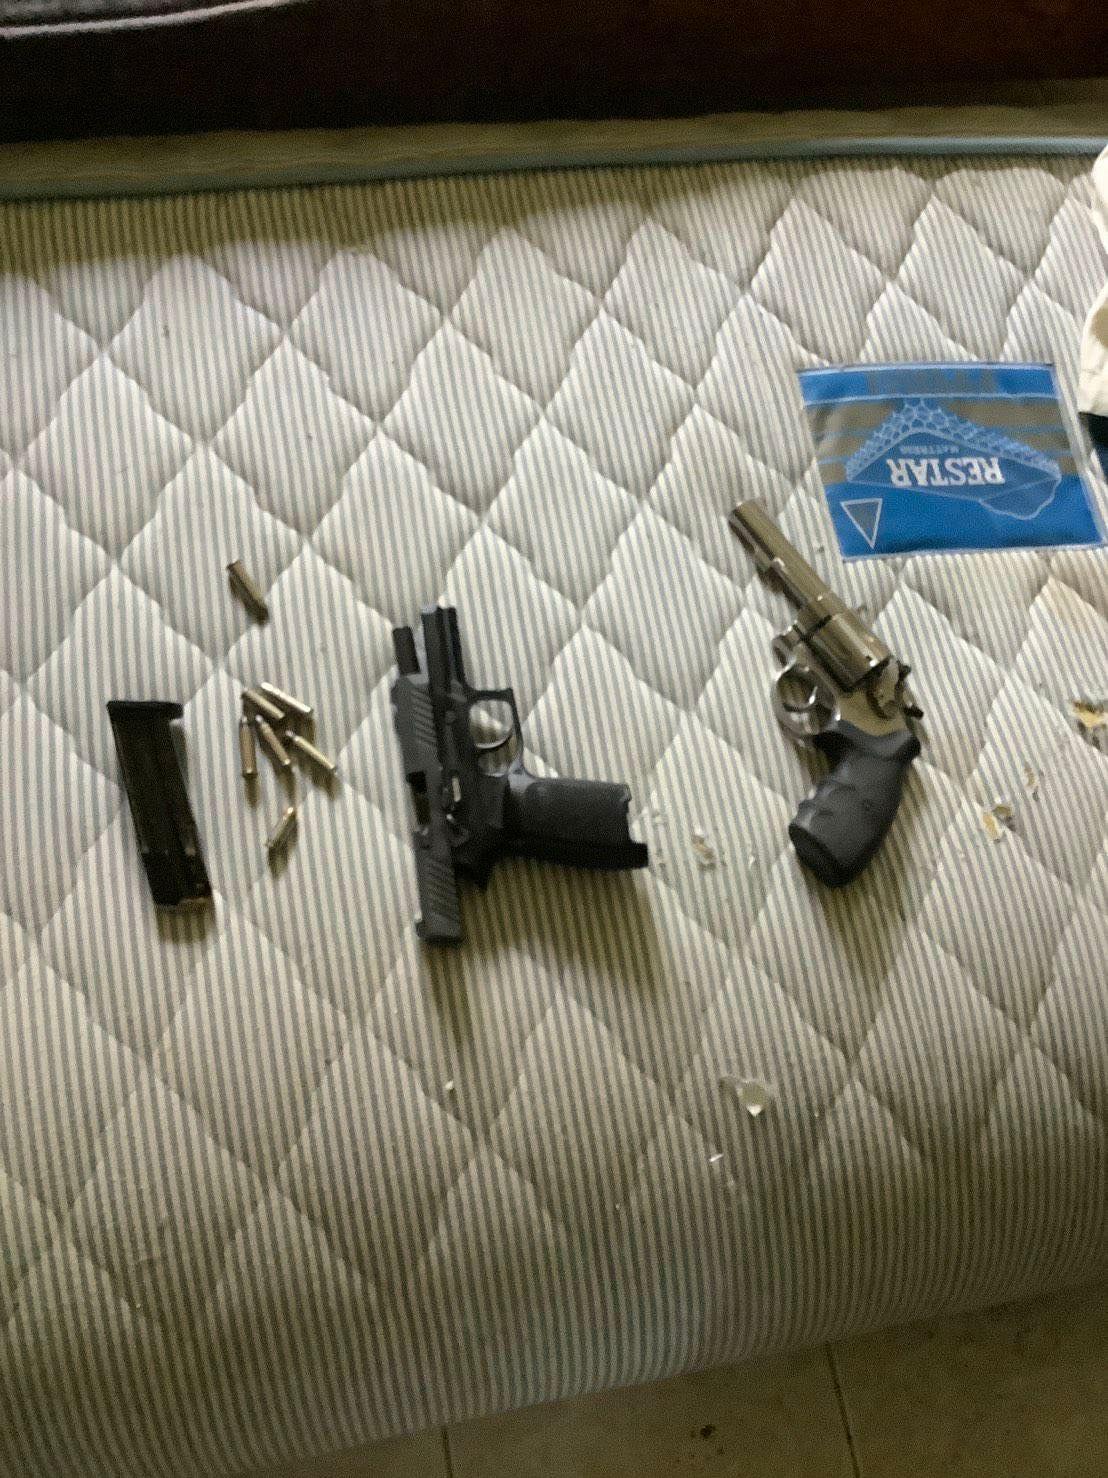 ปืนที่กวินใช้ก่อเหตุ กราดยิงโรงพยาบาลสนาม